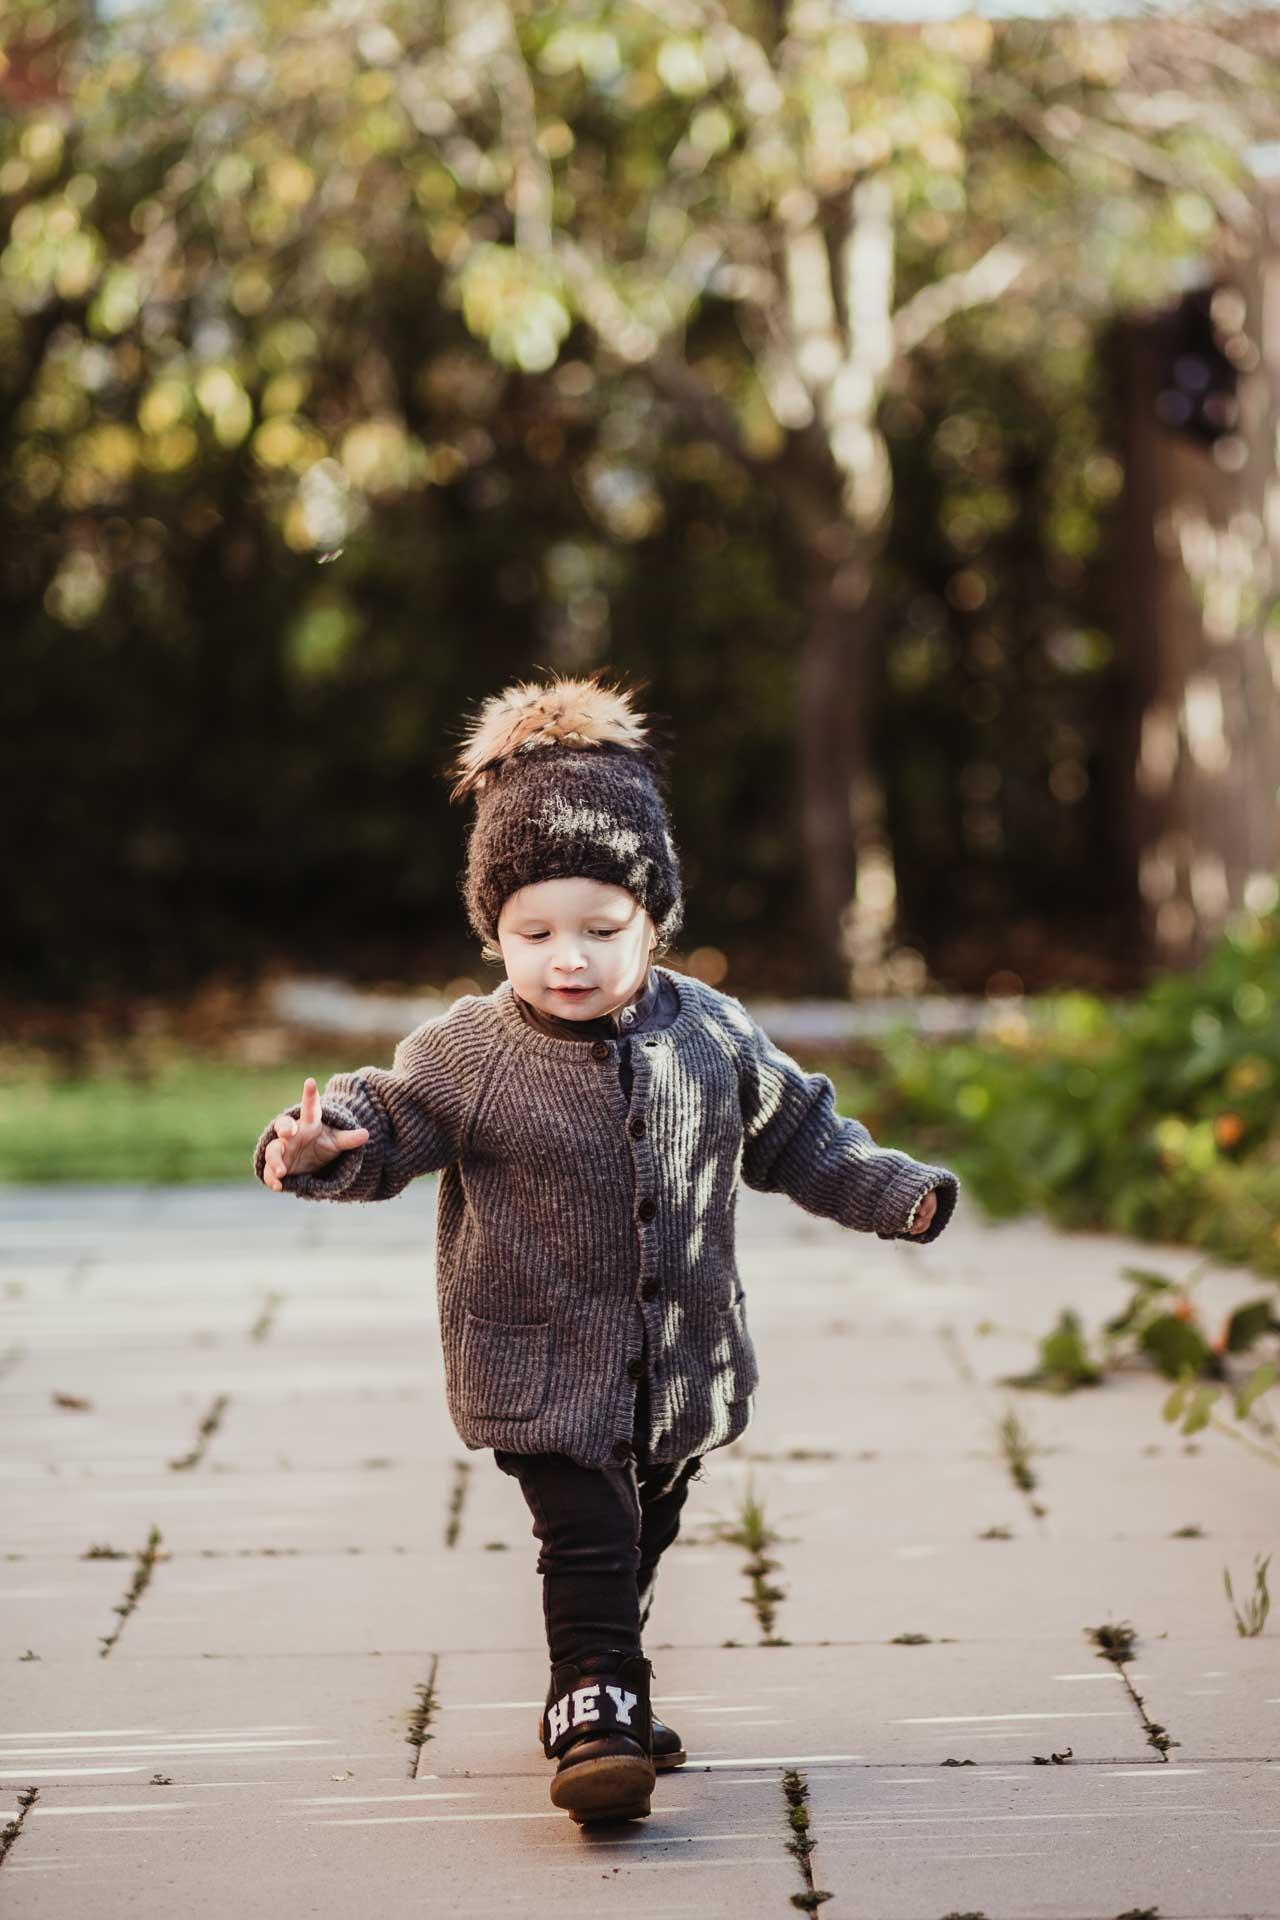 Børnefotografering er ikke nogen simpel disciplin